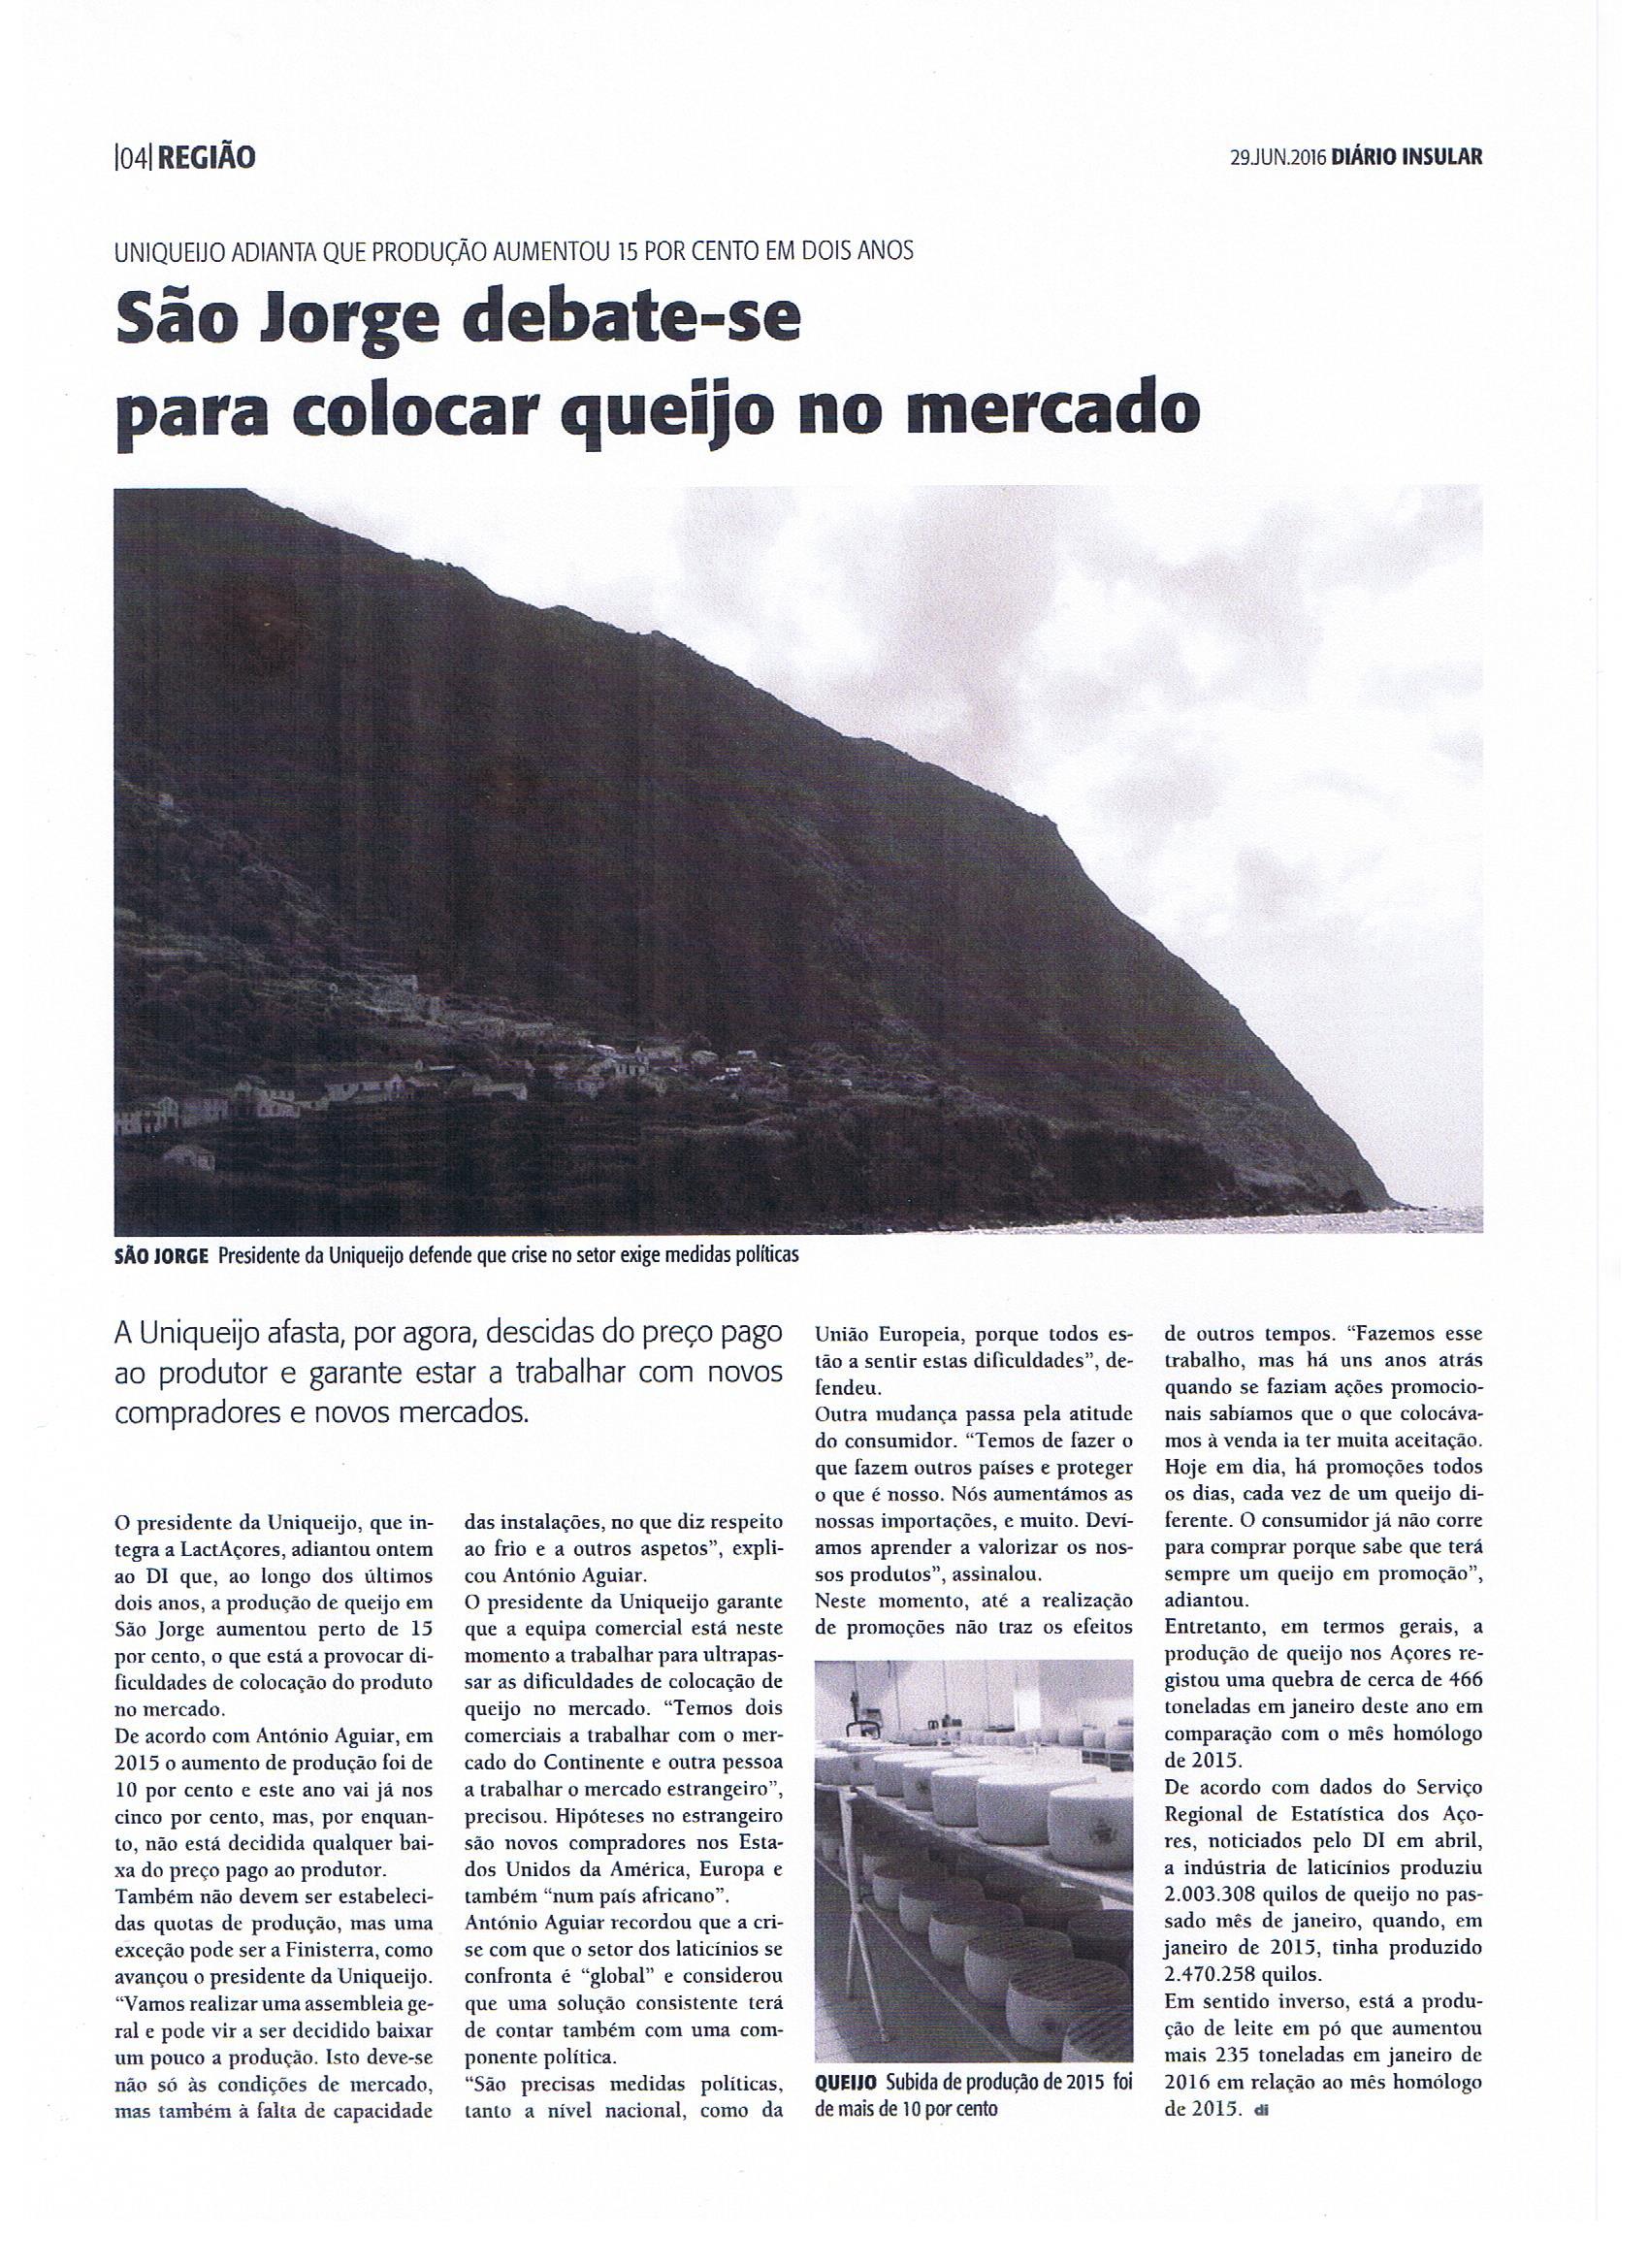 PREOCUPAÇÃO OU ALERTA? QUEIJO DE SÃO JORGE COM FALTA DE MERCADO.